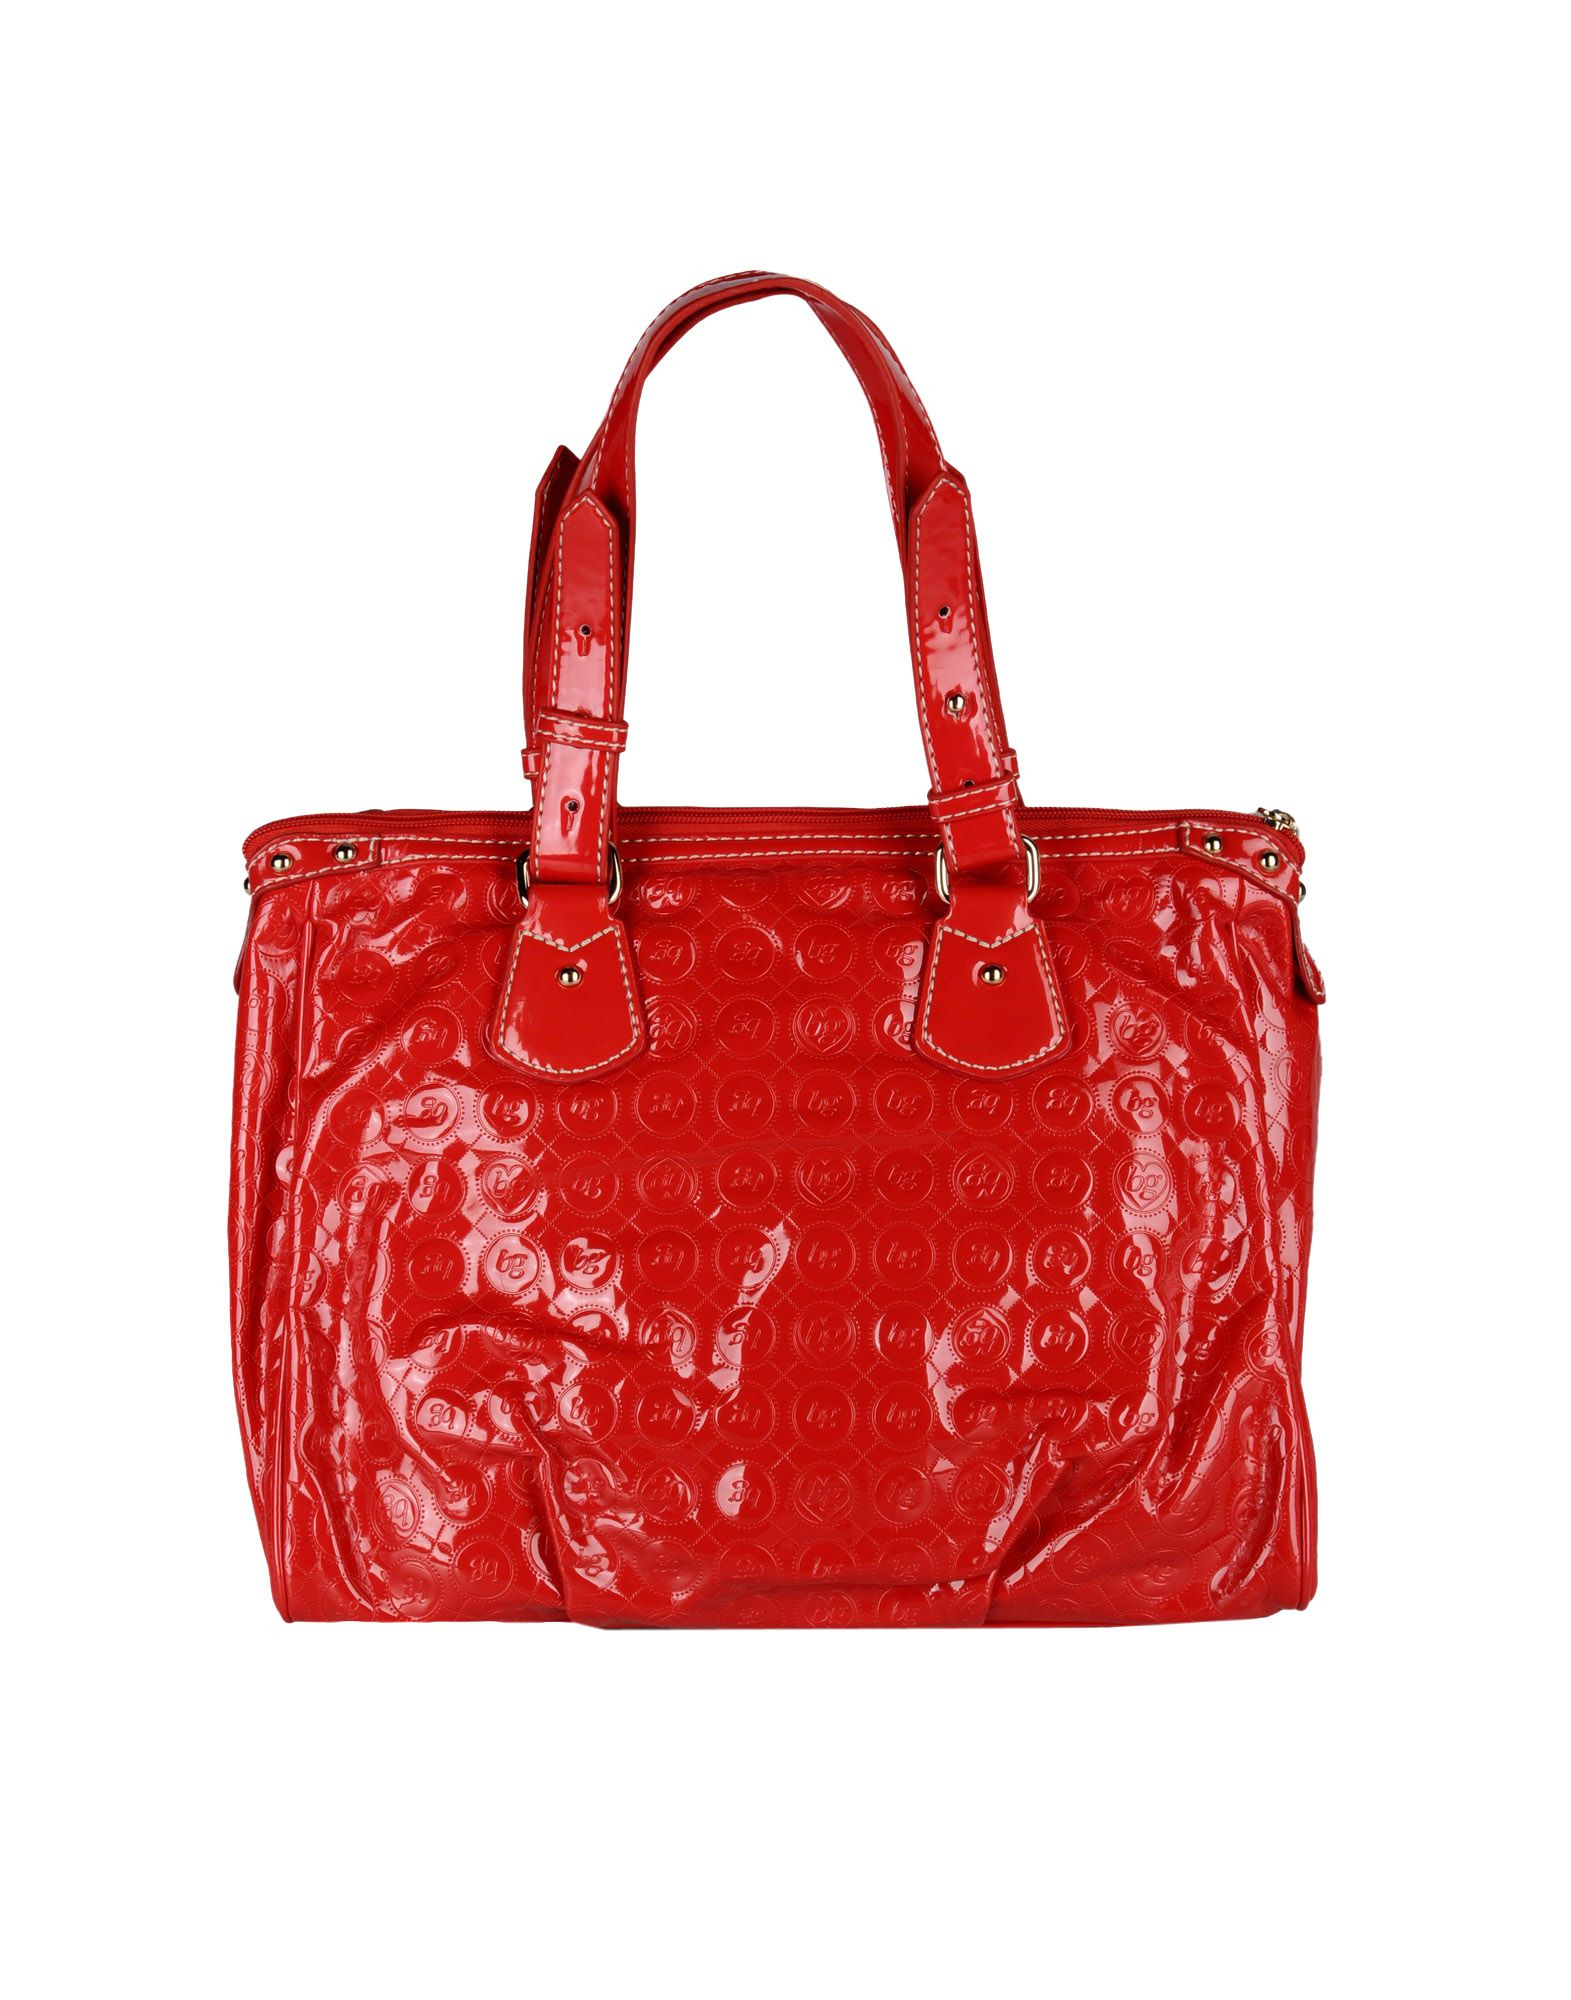 Blugirl blumarine Handbag in Red